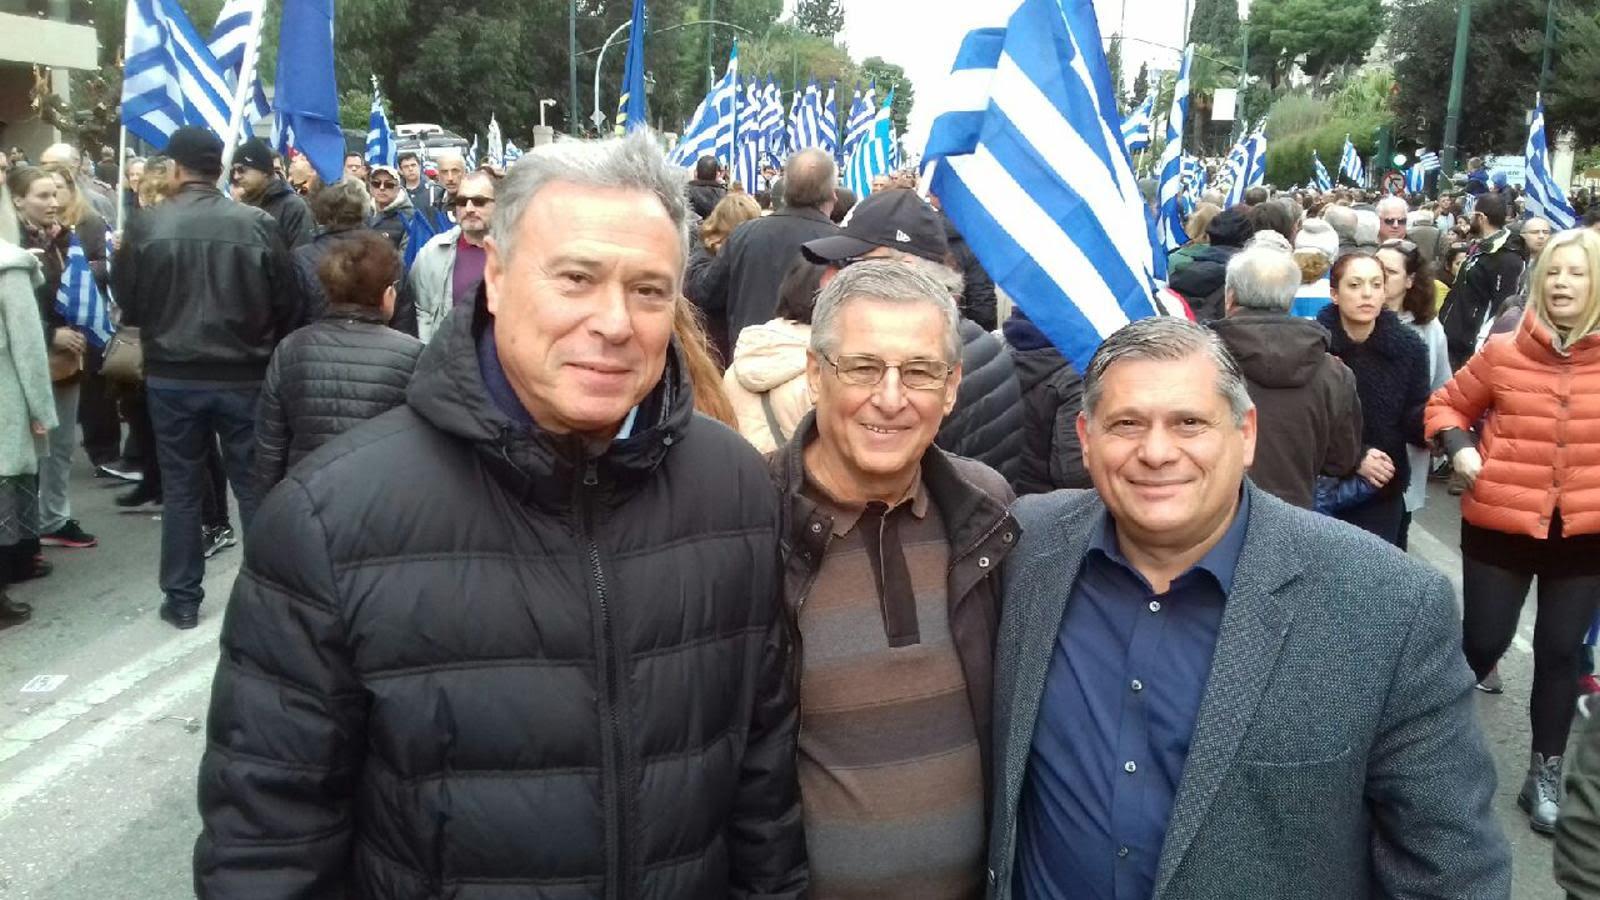 Δήλωση Γιάννη Σγουρού με αφορμή το συλλαλητήριο για το Μακεδονικό